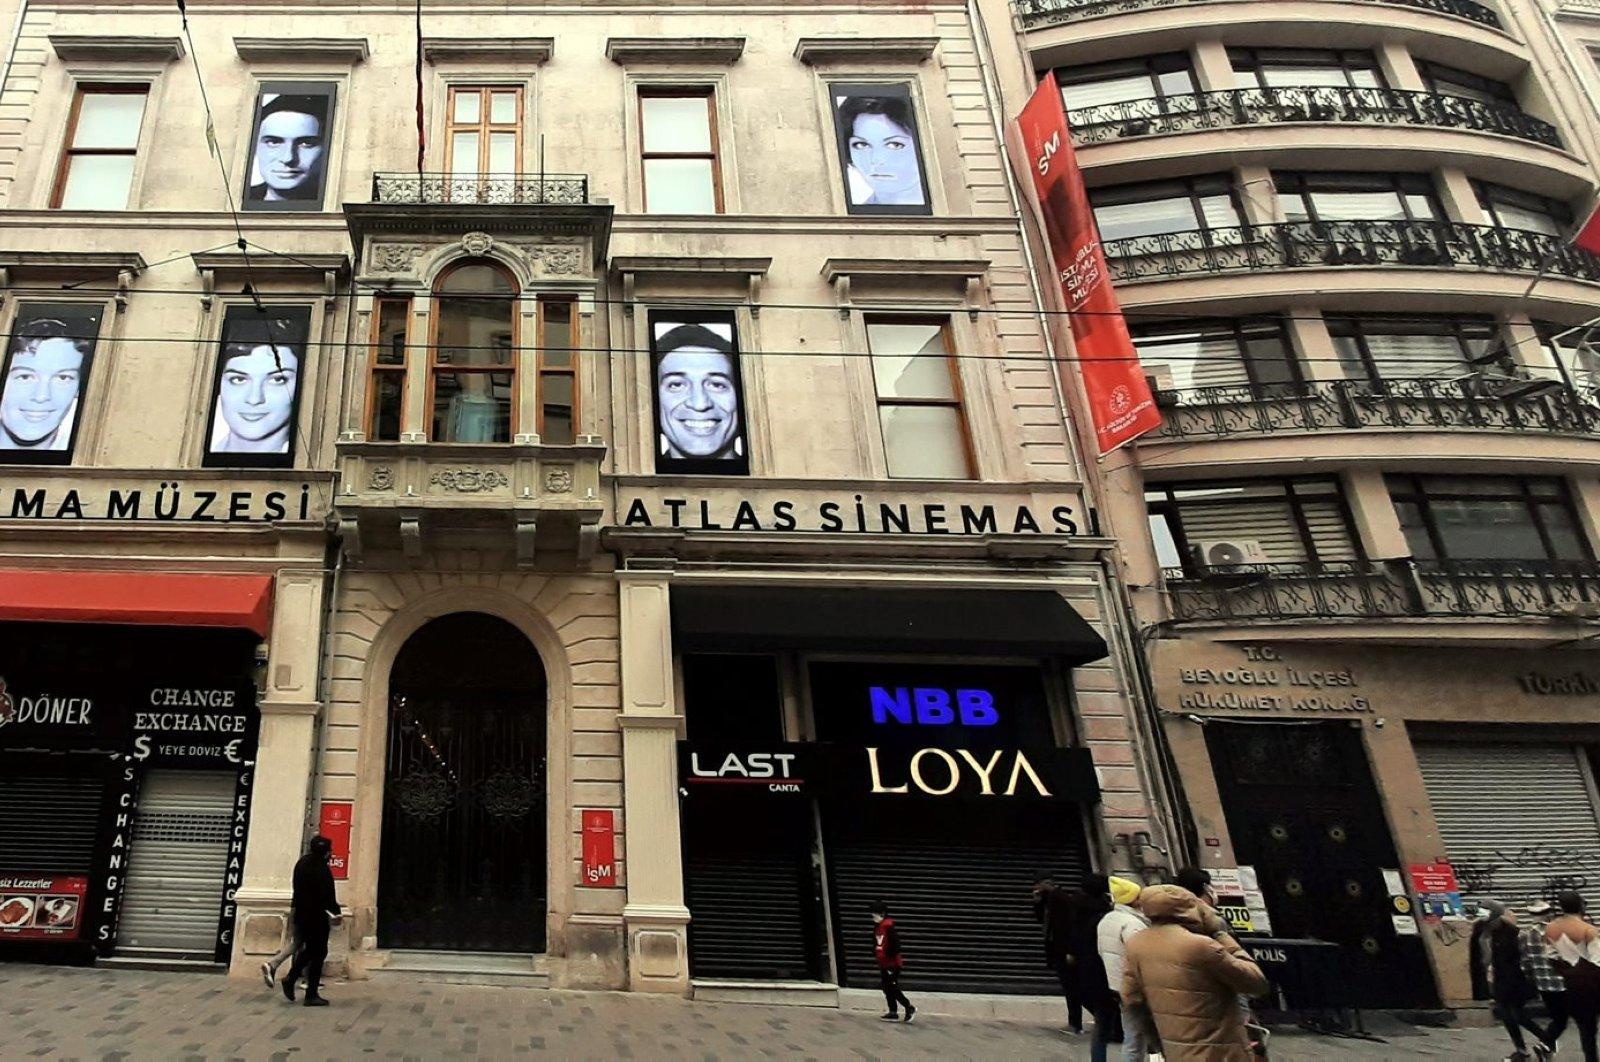 The historical Atlas Theatre on Istiklal Street, Istanbul, Turkey, Jan. 2, 2021. (Photo by Mustafa Kaya)